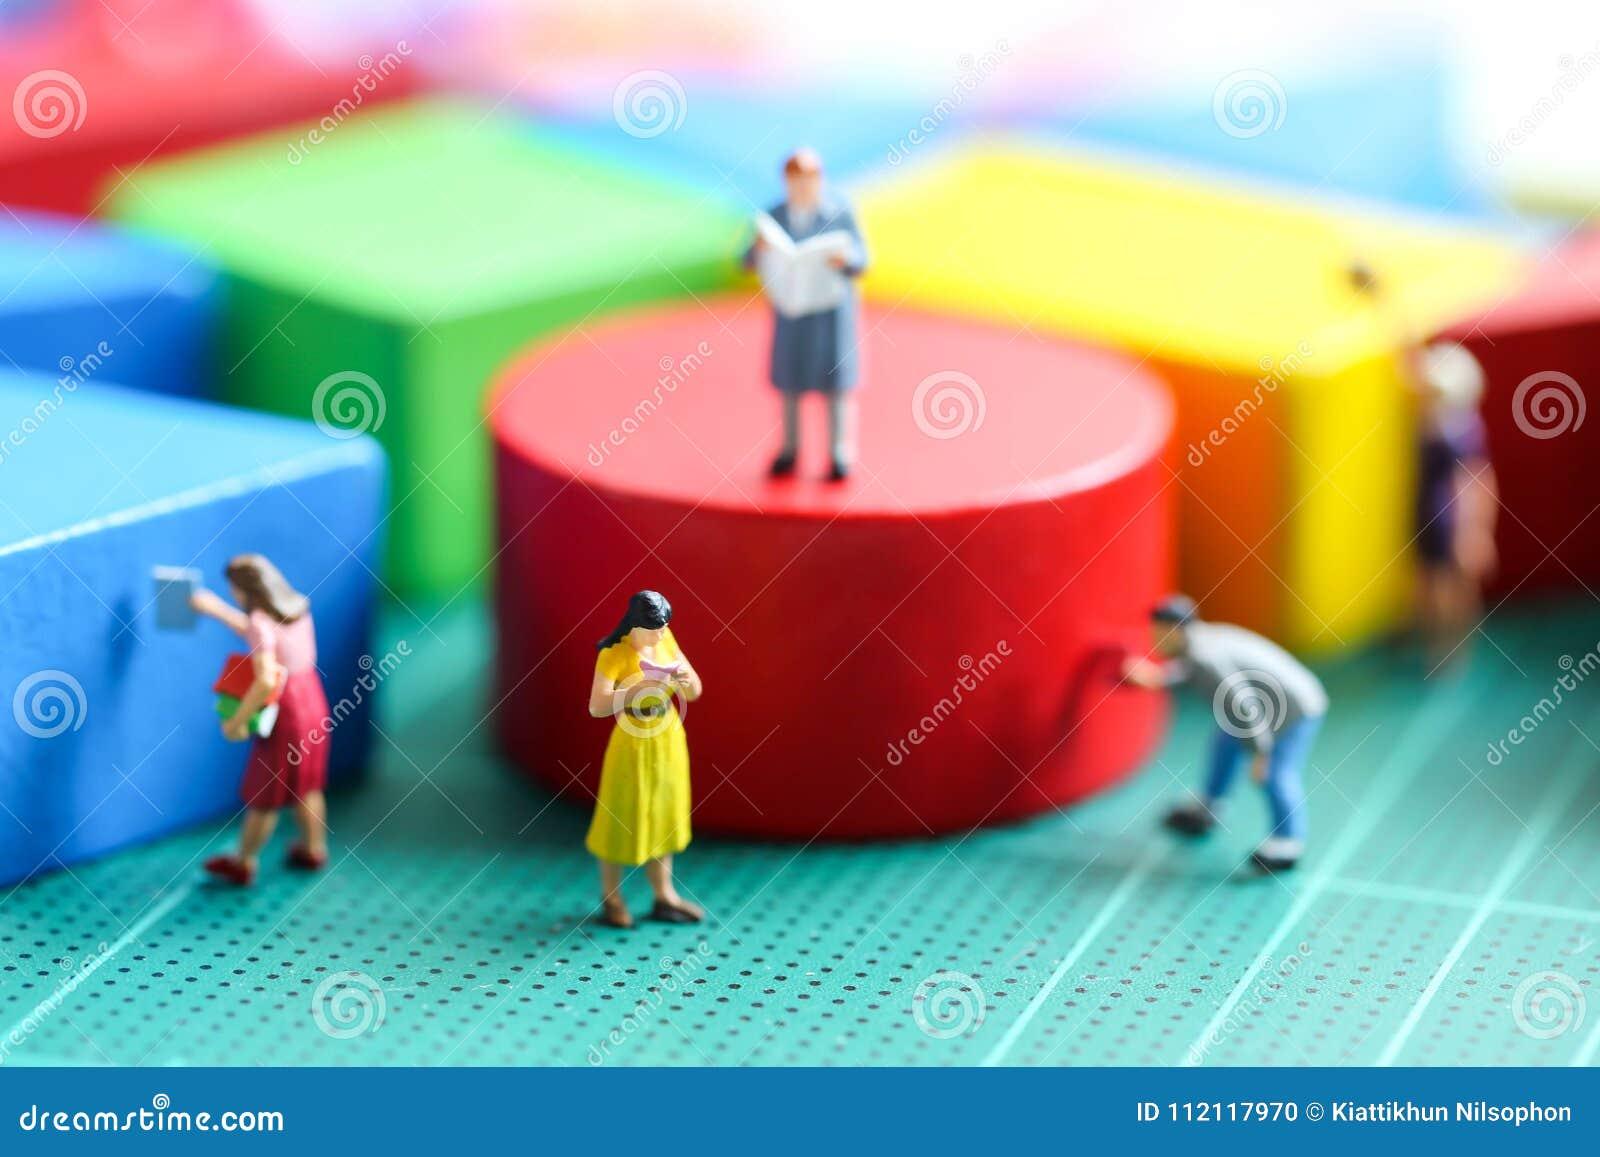 Gente Del Libro Lee Con Juguete MiniaturaQue El Un De Madera nwPOkX08